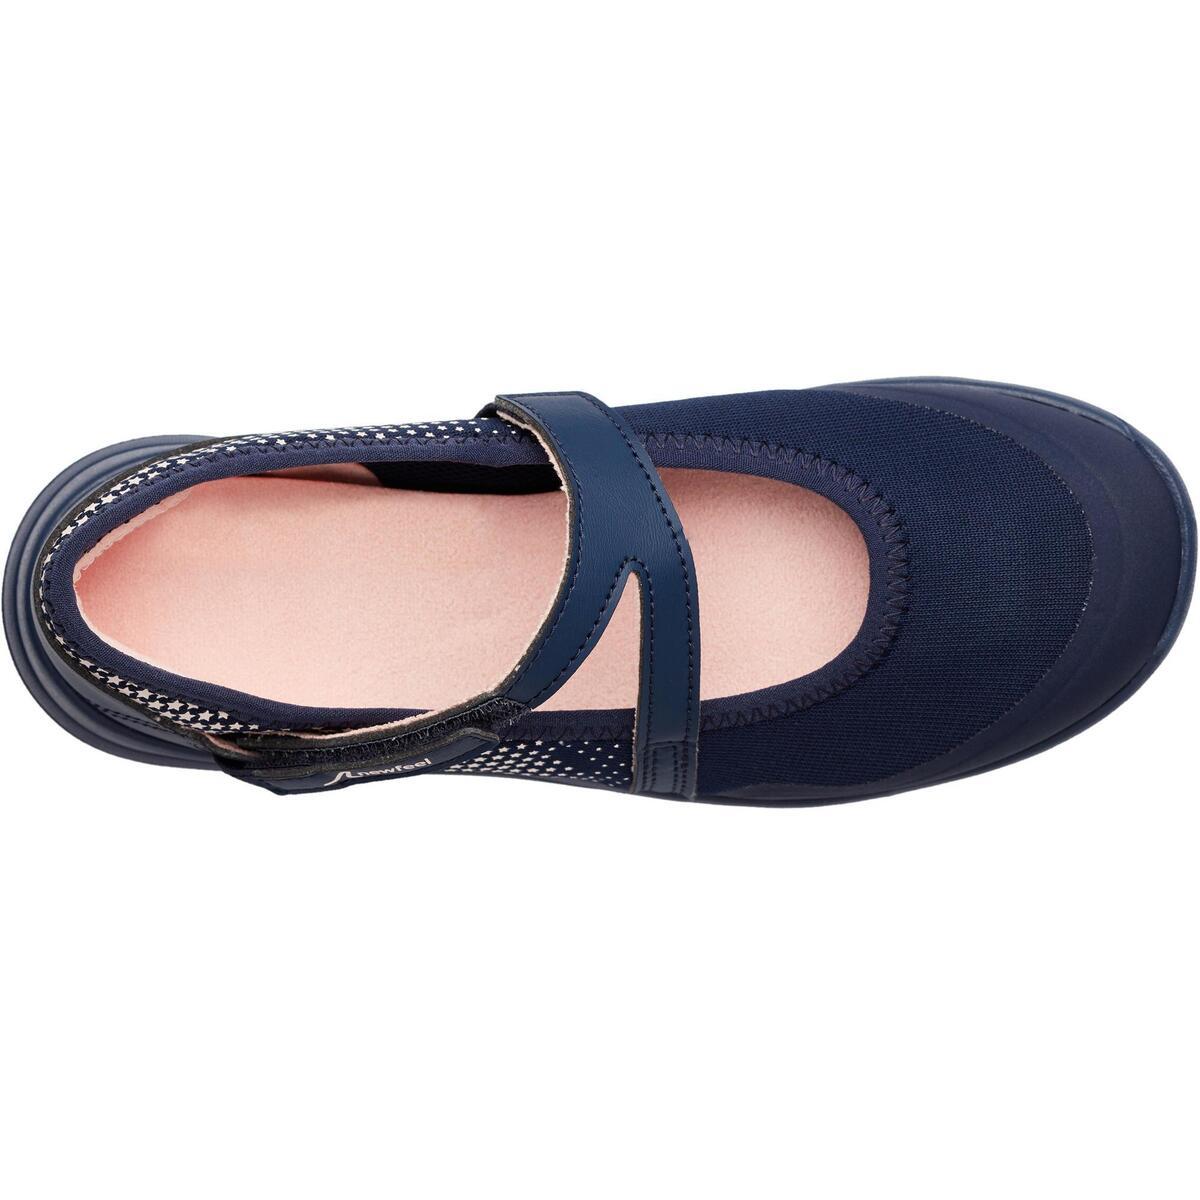 Bild 5 von Ballerinas Walking PW 160 Br'easy Mädchen marineblau